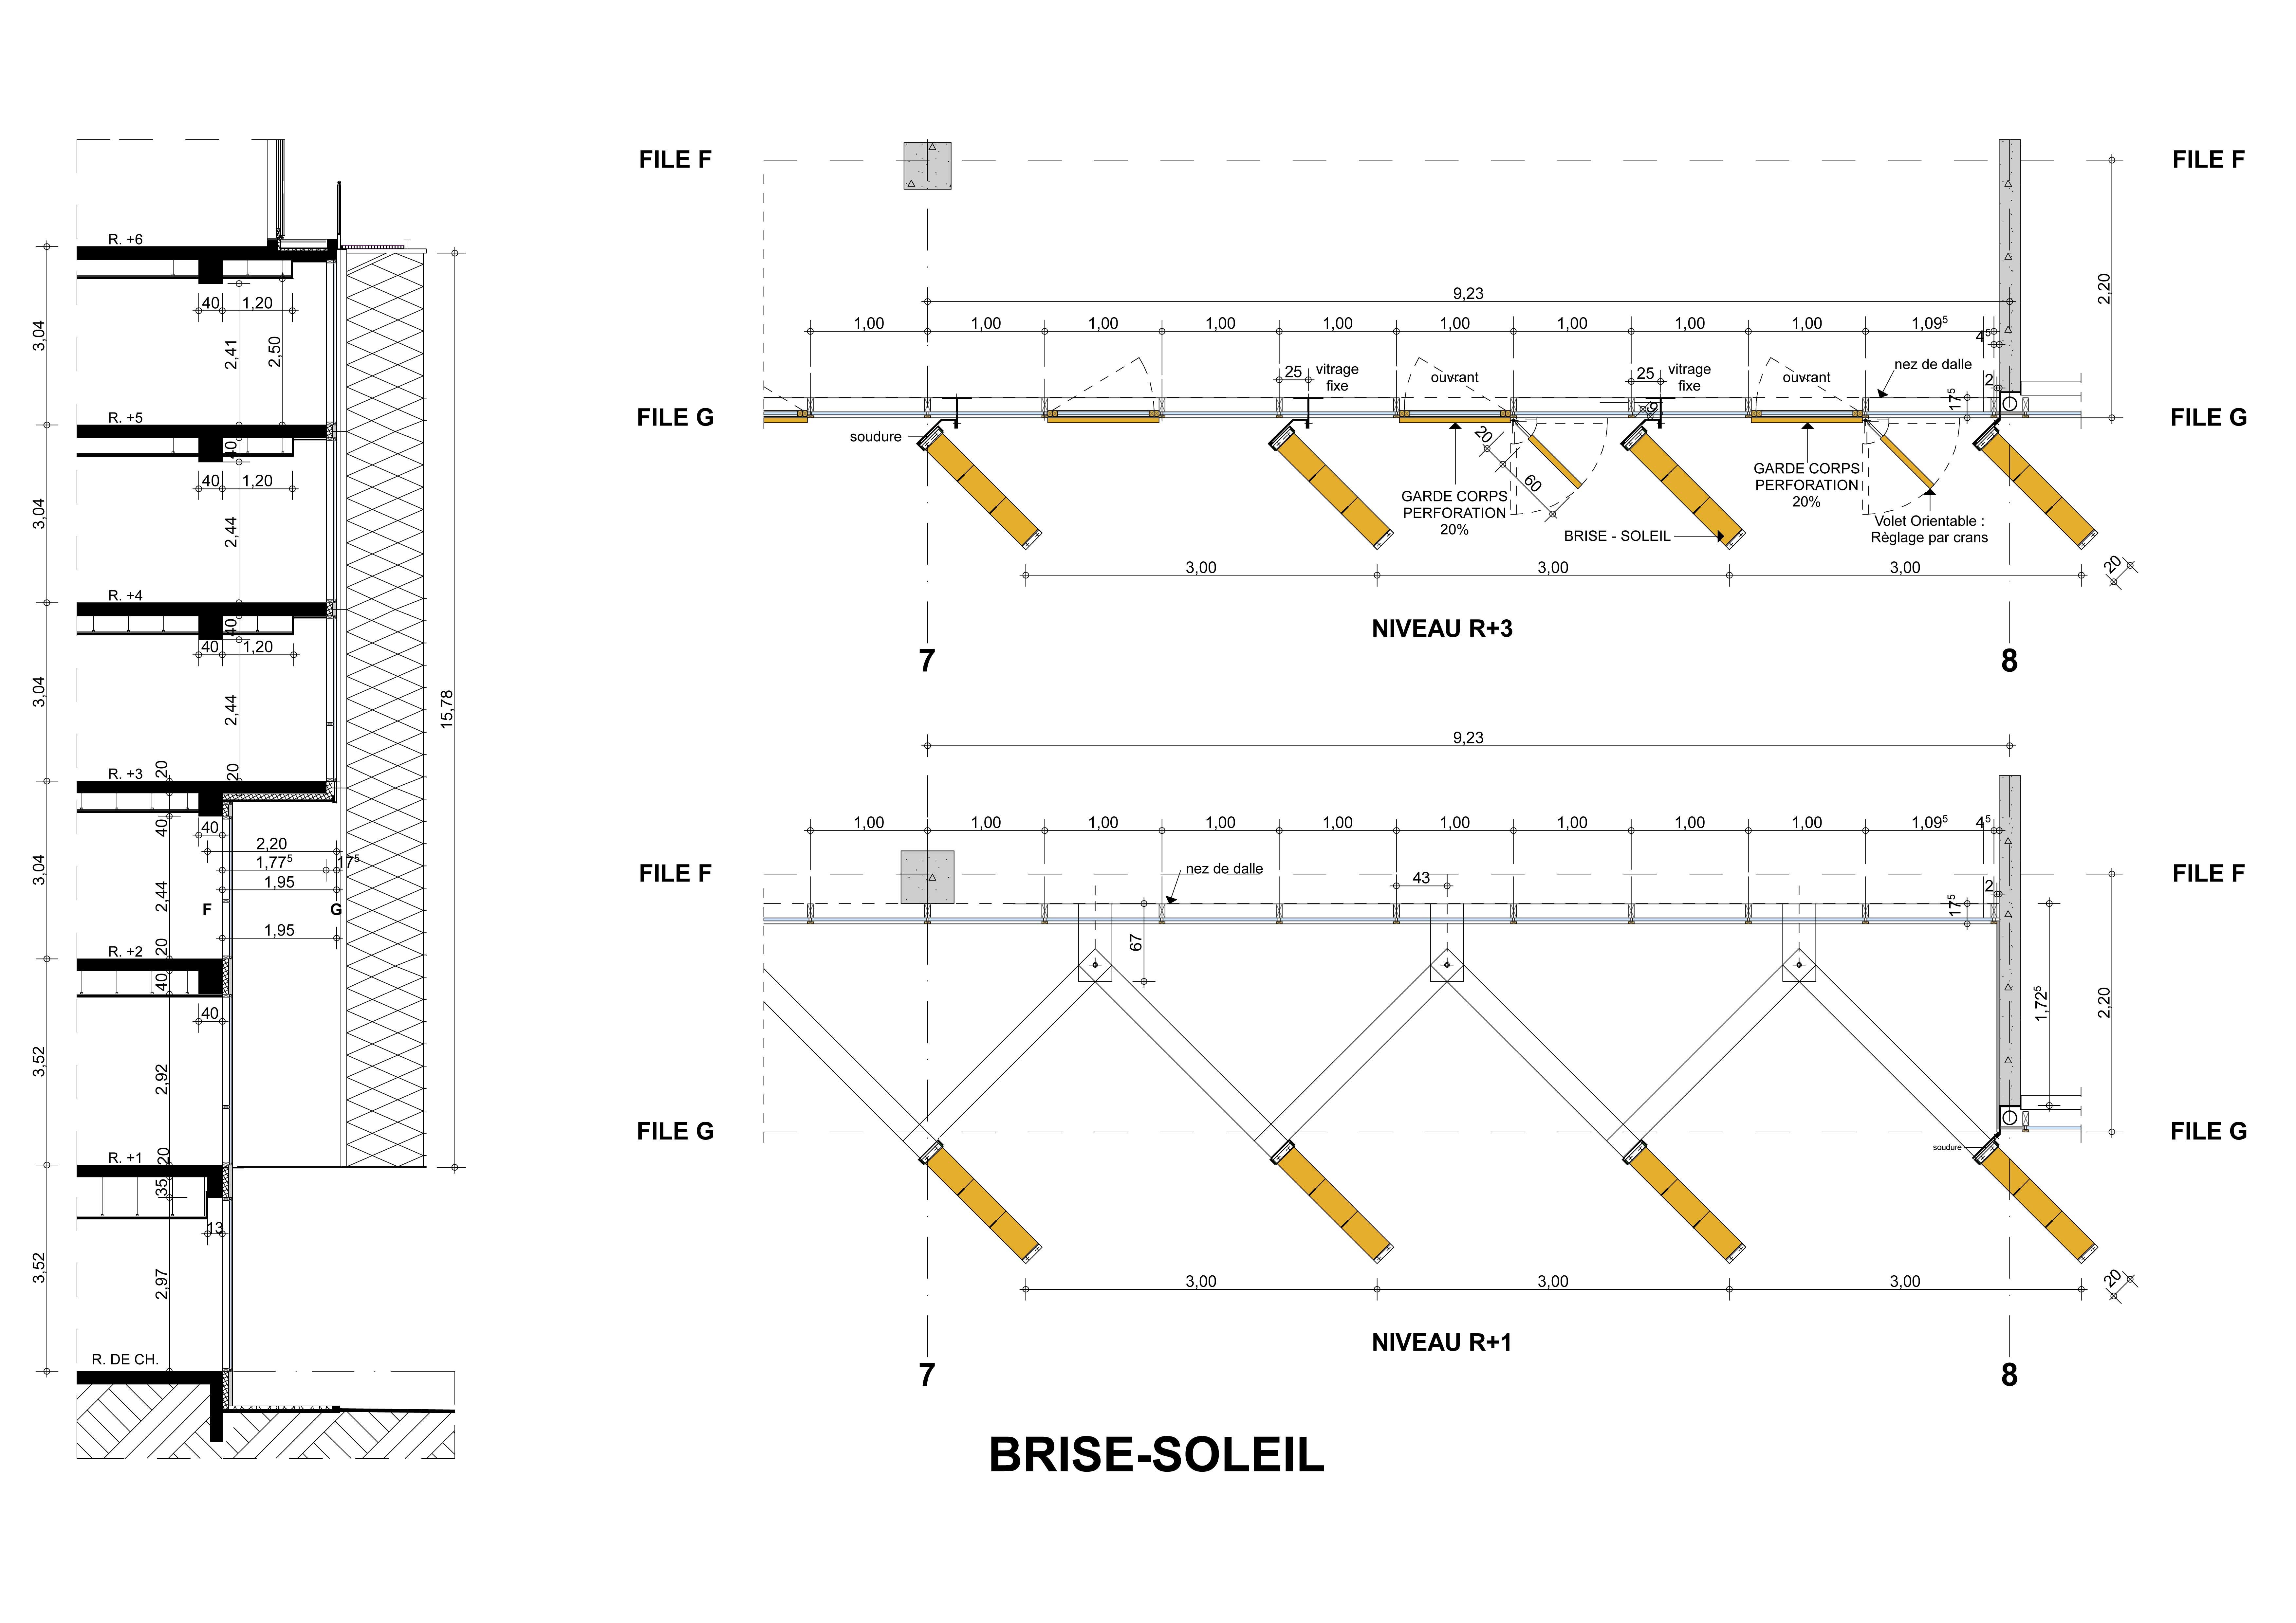 DETAIL 1 BRISE-SOLEIL _